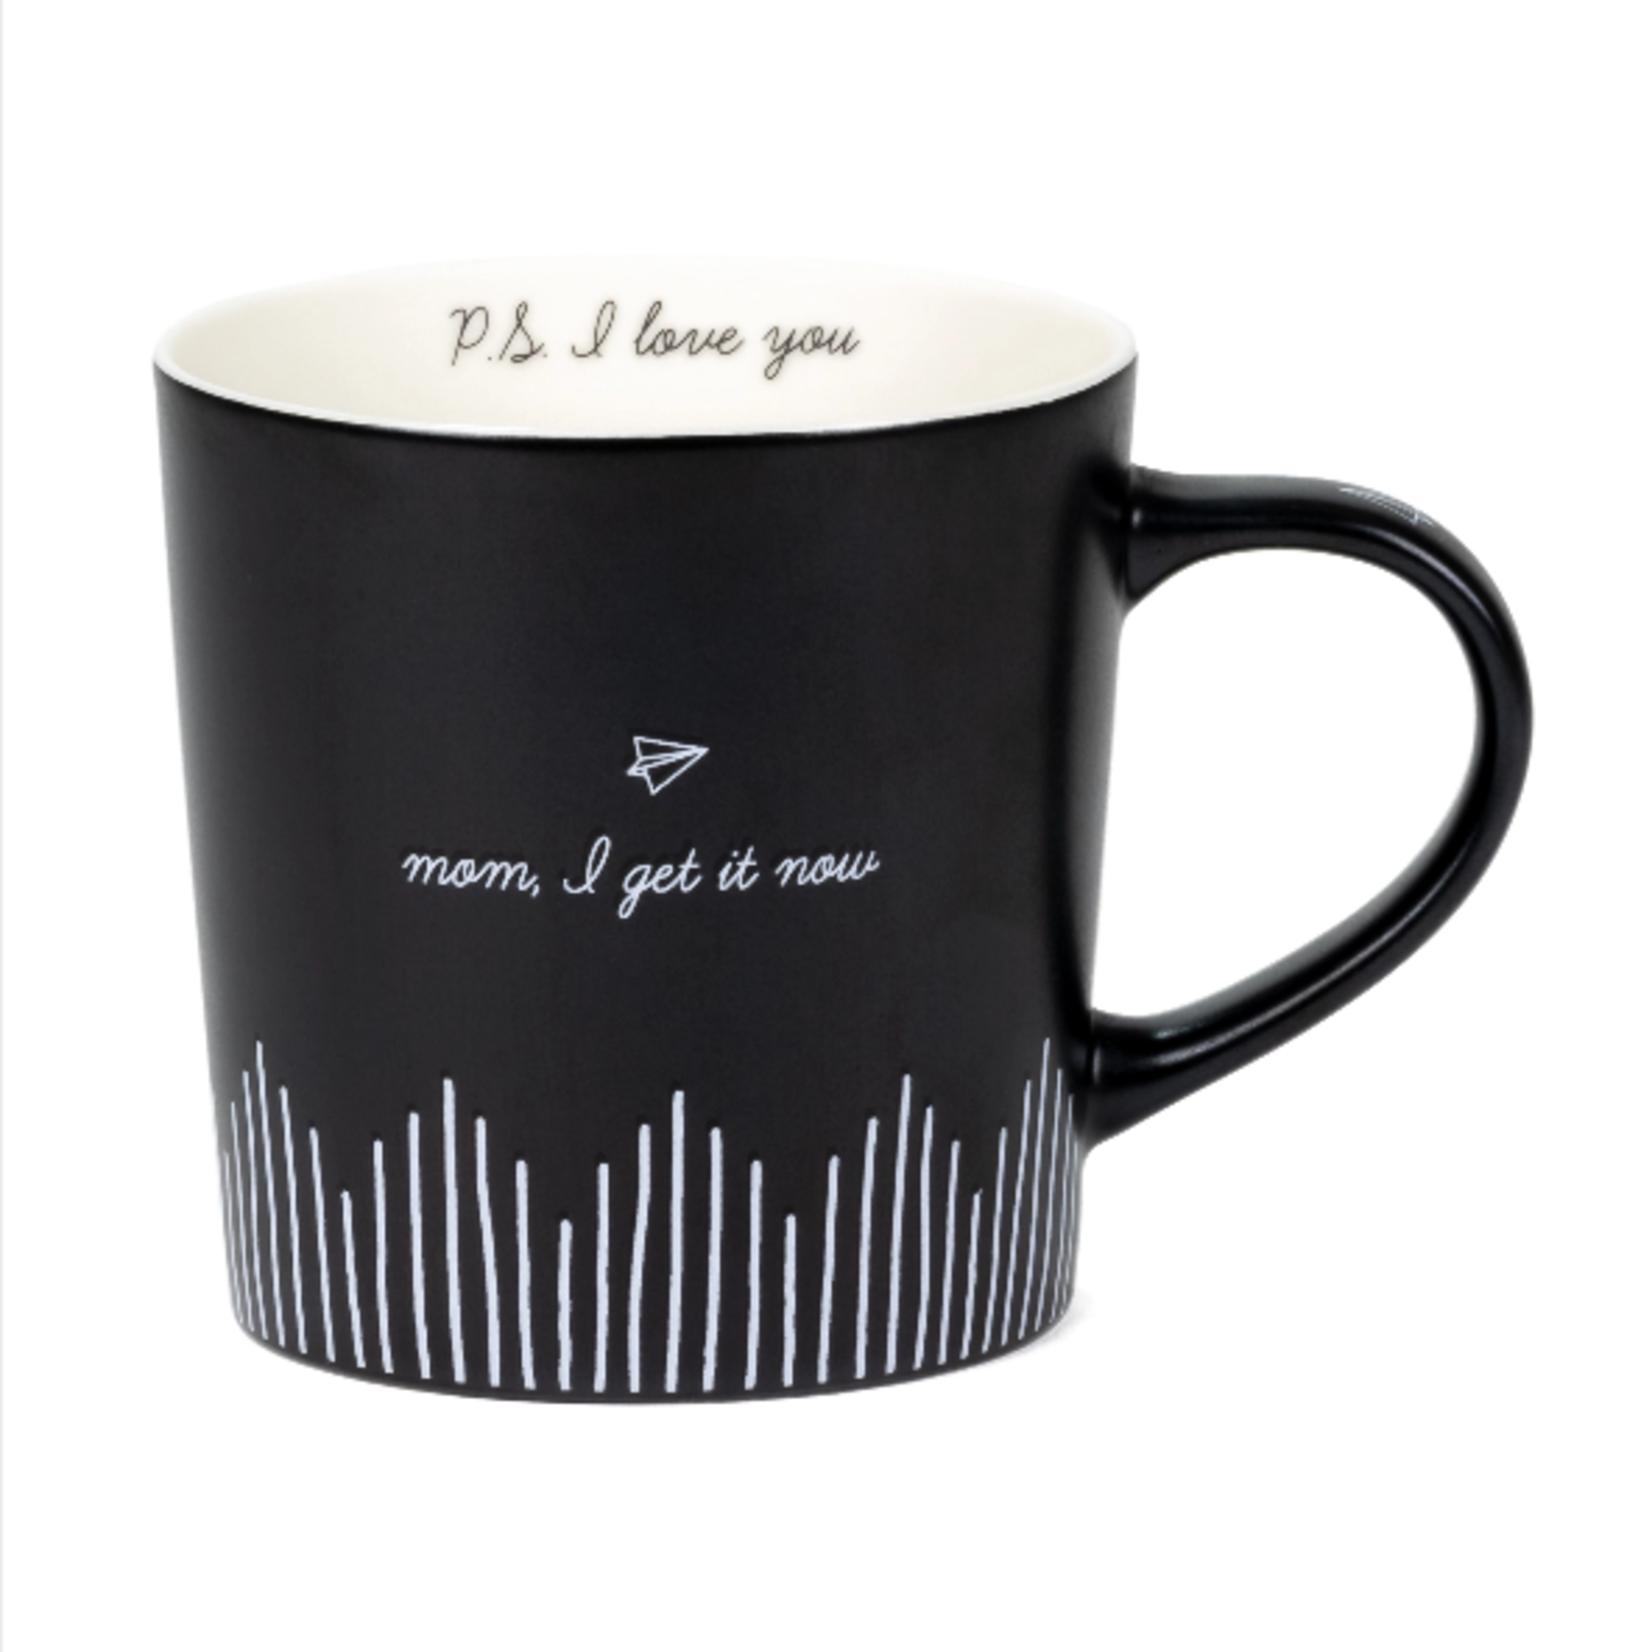 Mom, I get it Mug